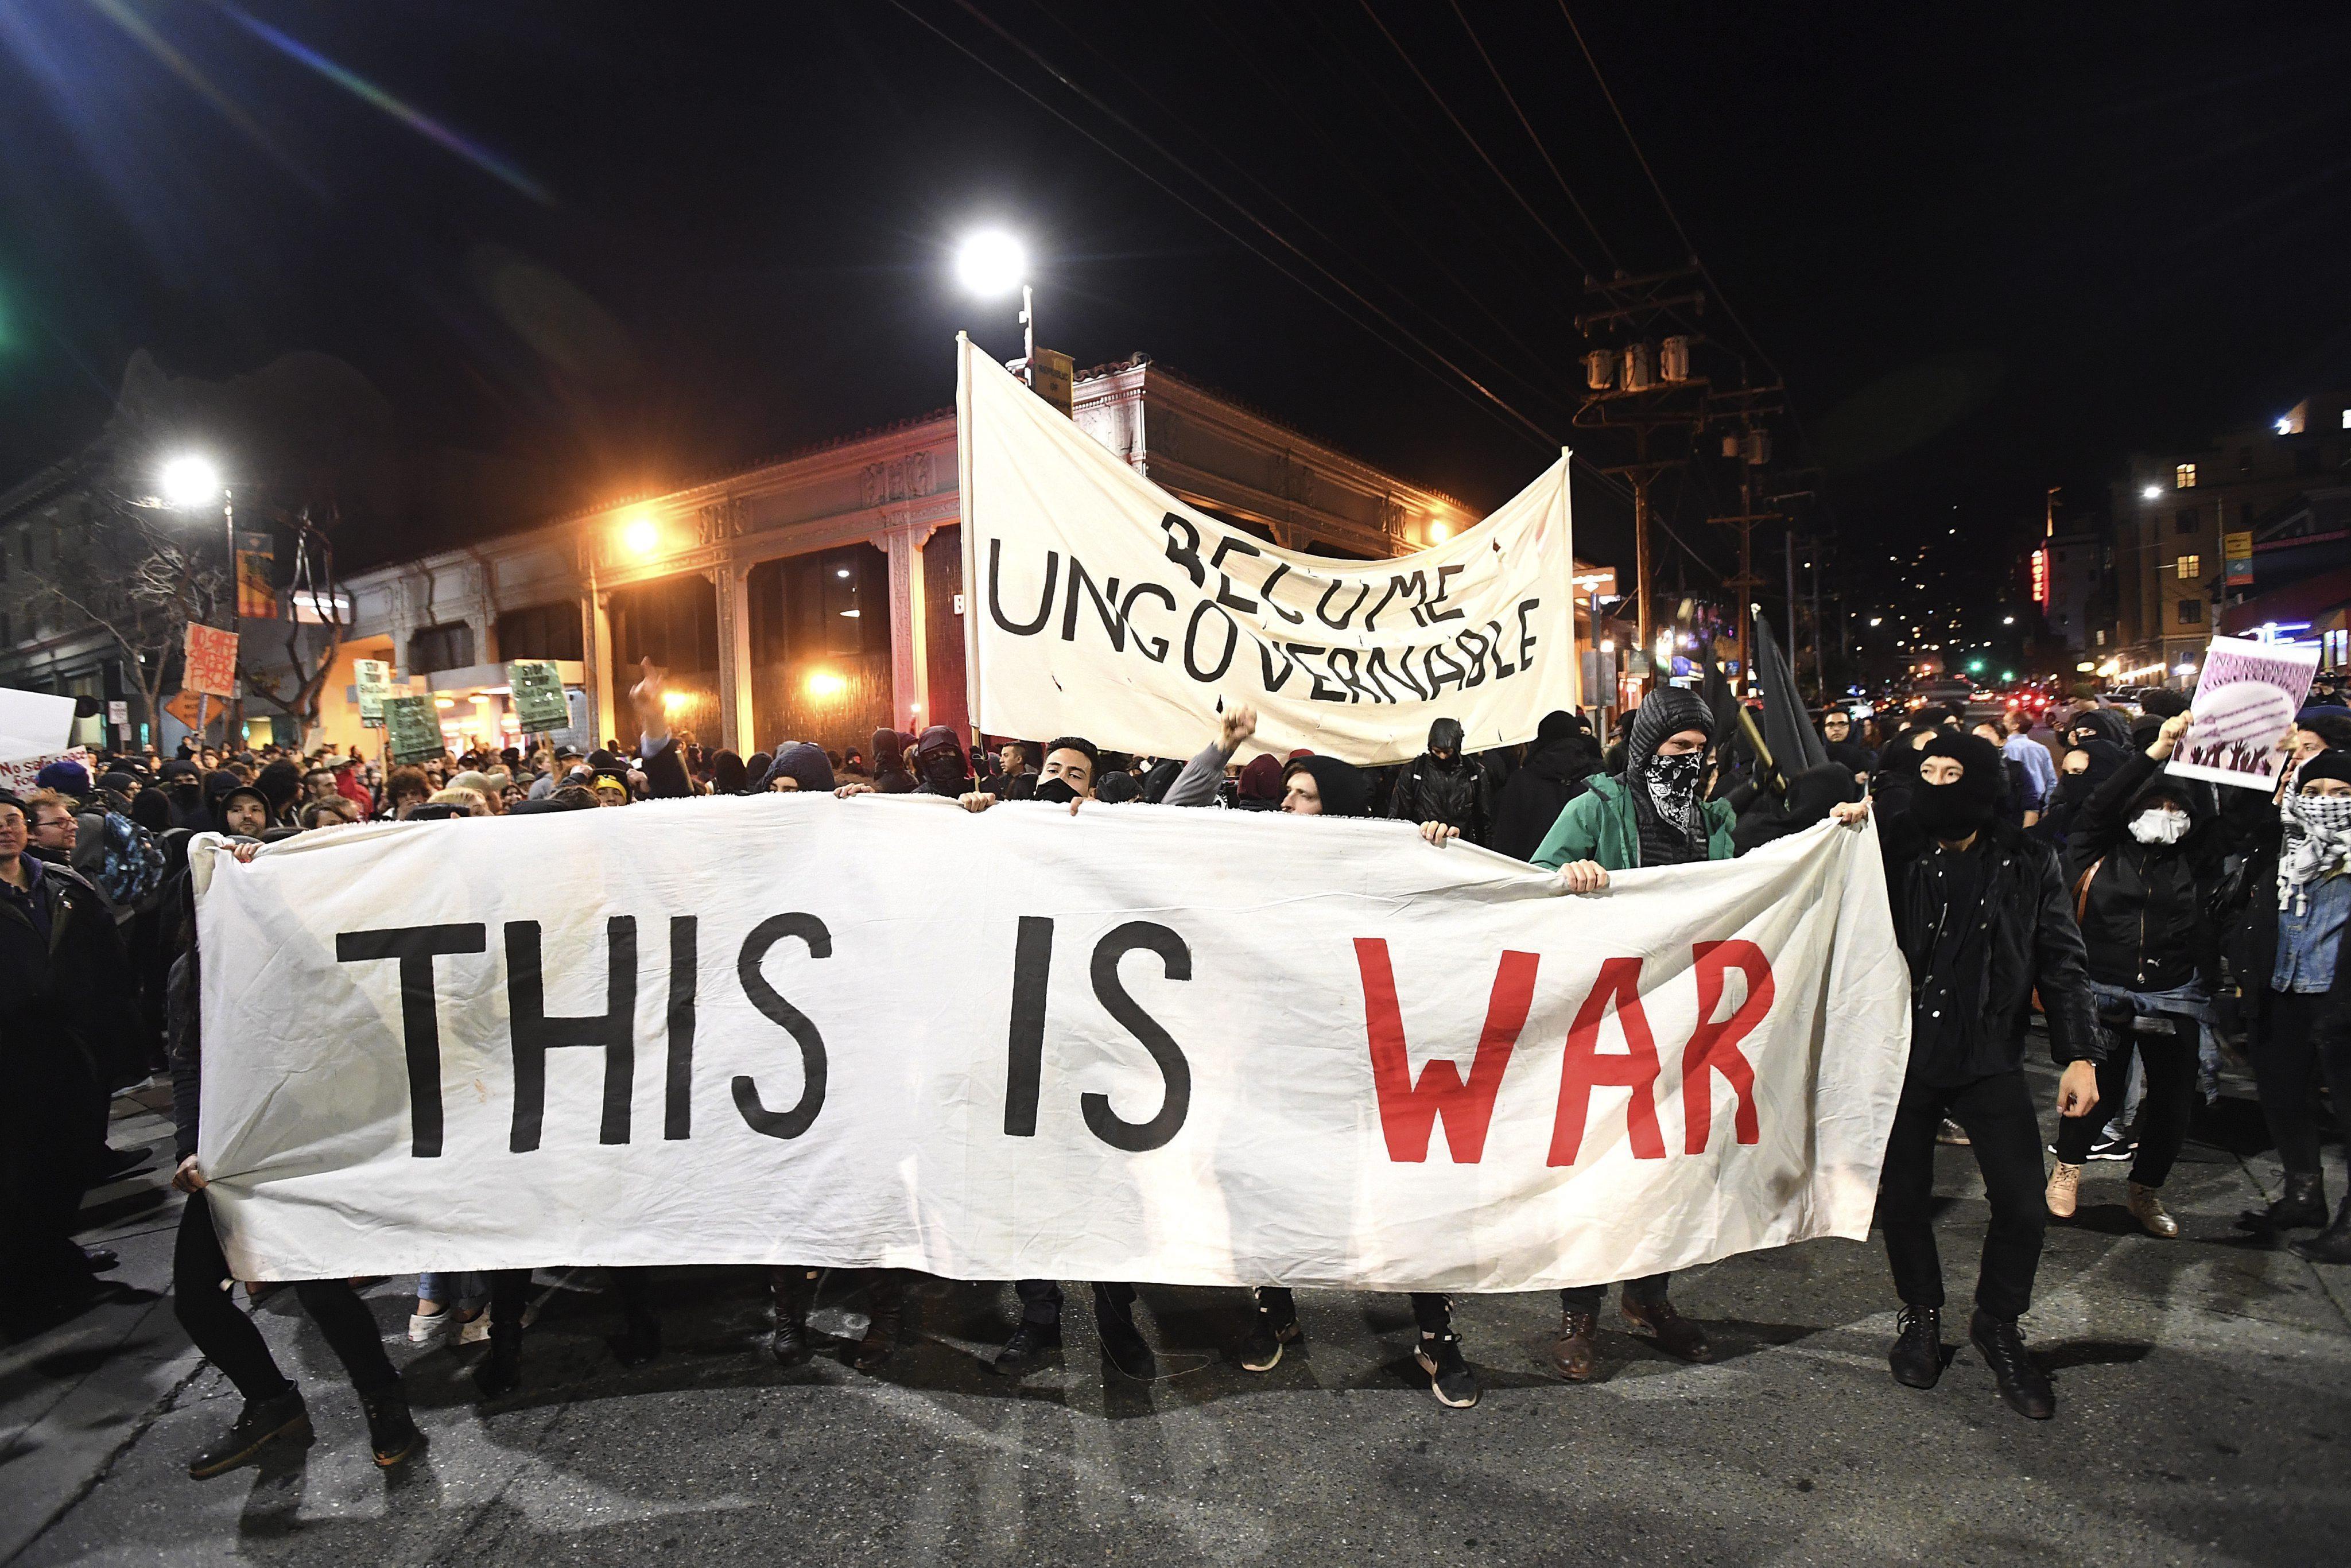 Una cartel en la manifestación en el que se puede leer 'Esto es la guerra'